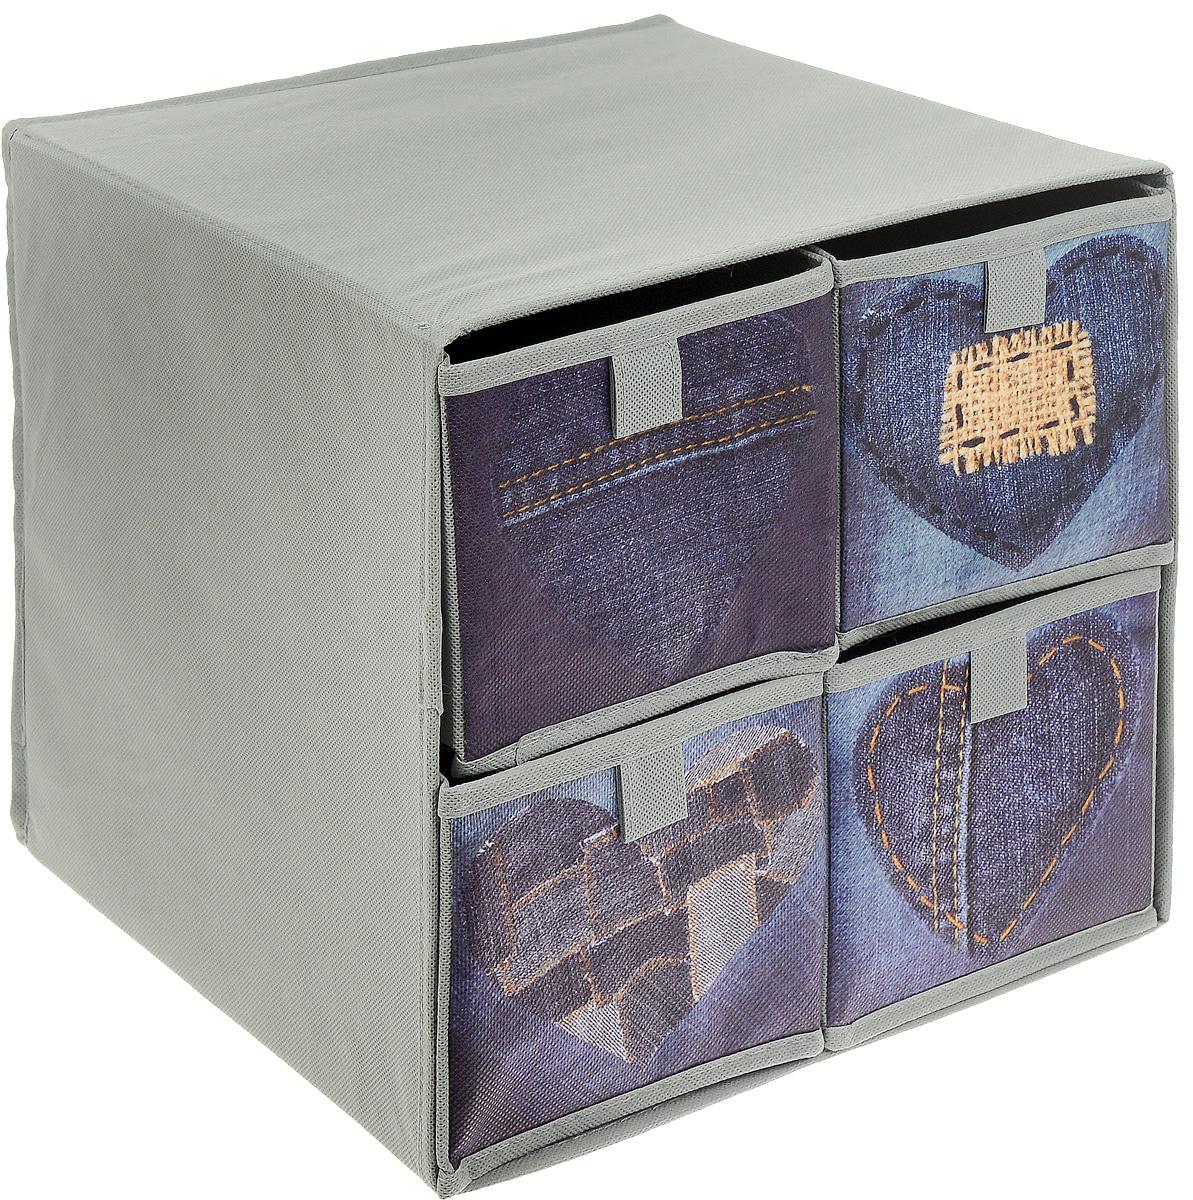 Кофр для хранения Джинсовое сердце, цвет: серый, темно-синий, 30 х 30 х 30 смFS-6273_серый, темно-синийКофр для хранения Джинсовое сердце изготовлен из высококачественного нетканого полотна и декорирован изображениями джинсовых заплаток в форме сердечек. Кофр имеет 4 выдвигающихся ящика прямоугольной формы, где вы можете хранить различные бытовые вещи, нижнее белье и многое другое. Вставки из картона обеспечивают прочность конструкции. Стильный принт, модный цвет и качество исполнения сделают такой кофр незаменимым для хранения ваших вещей.